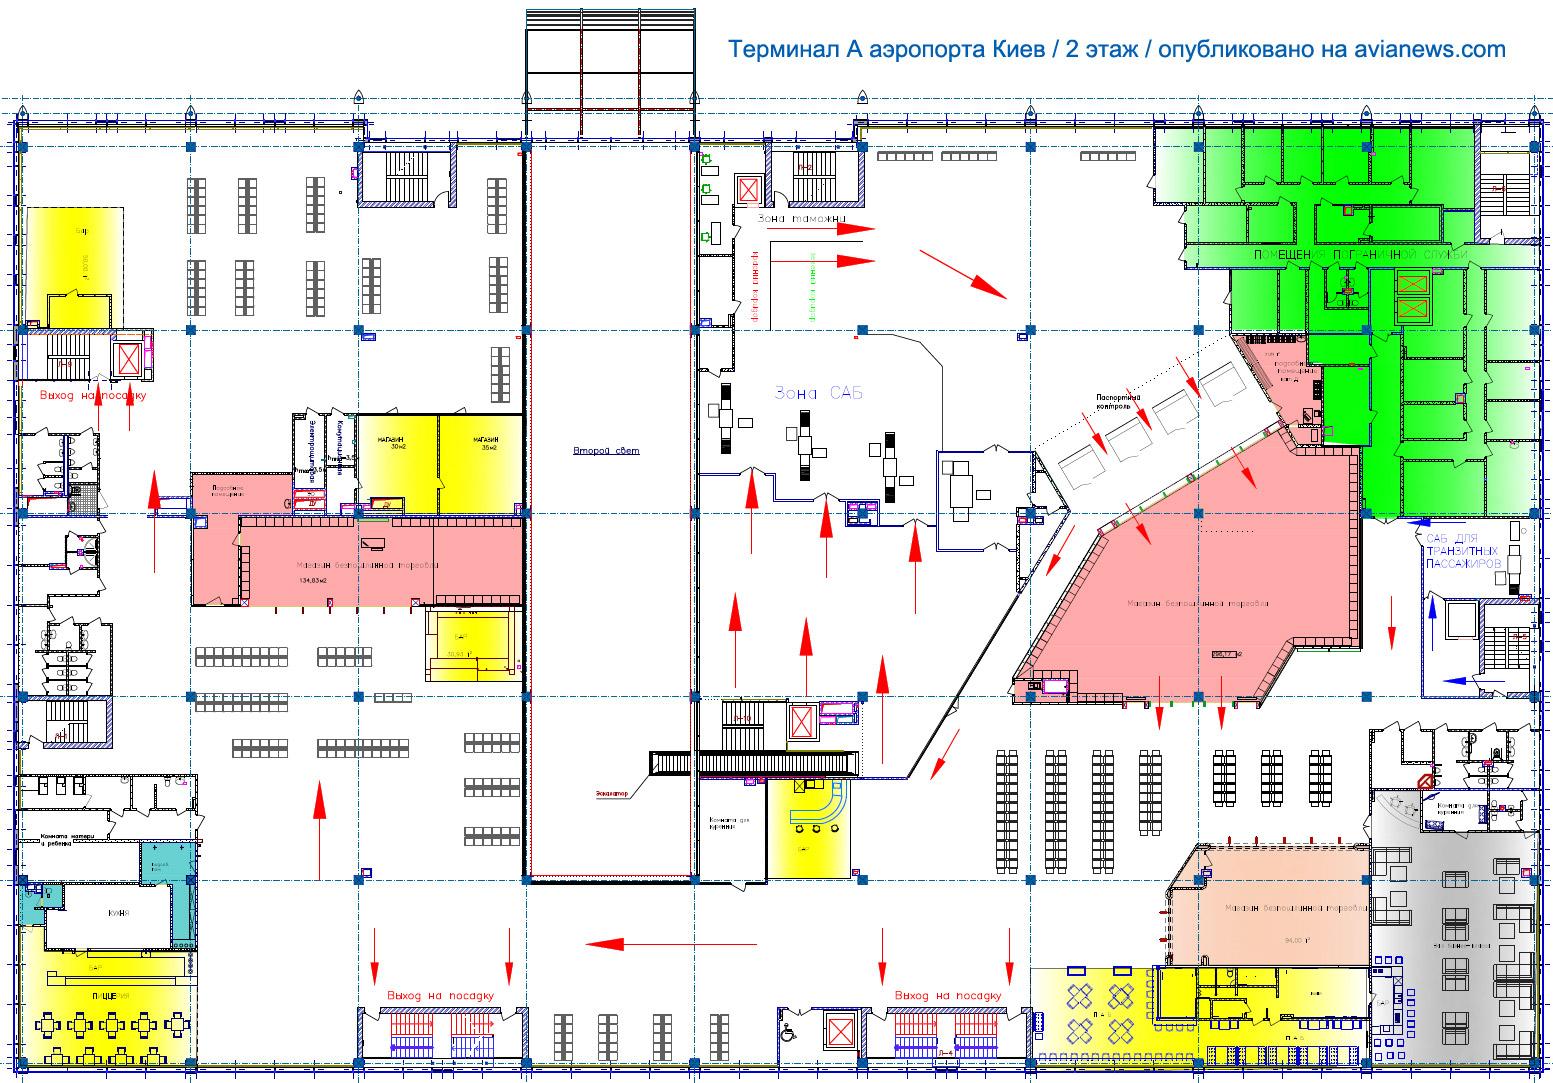 Симферополь схема аэропорта